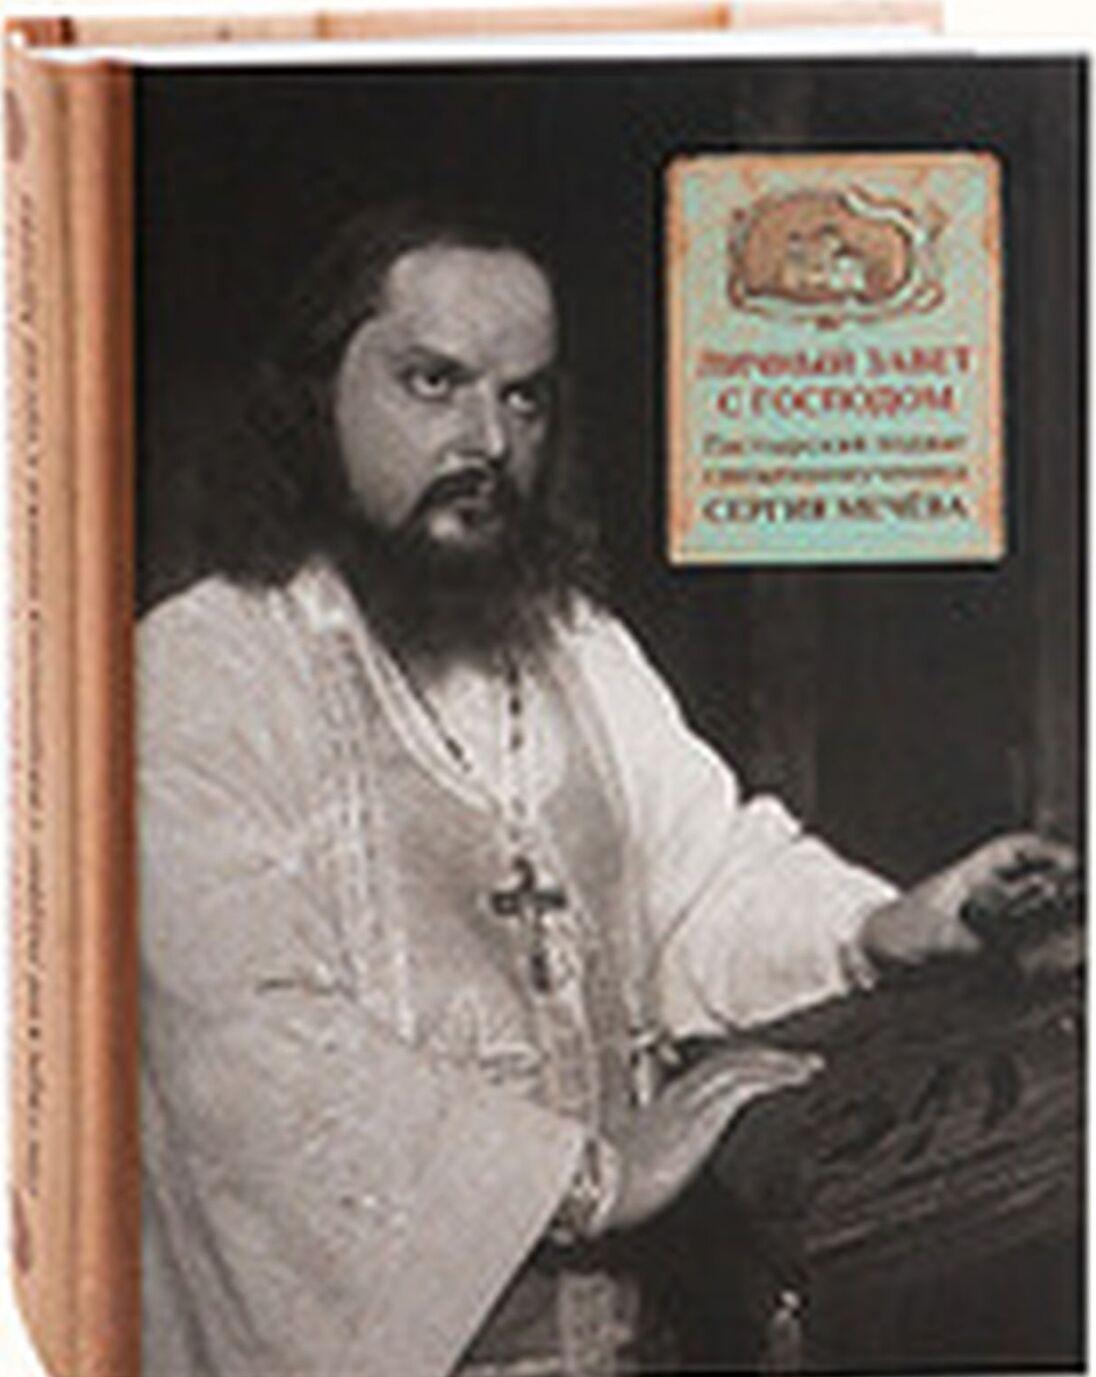 Lichnyj zavet s Gospodom. Pastyrskij podvig svjaschennomuchenika Sergija Mechjova | Grushina A. F.